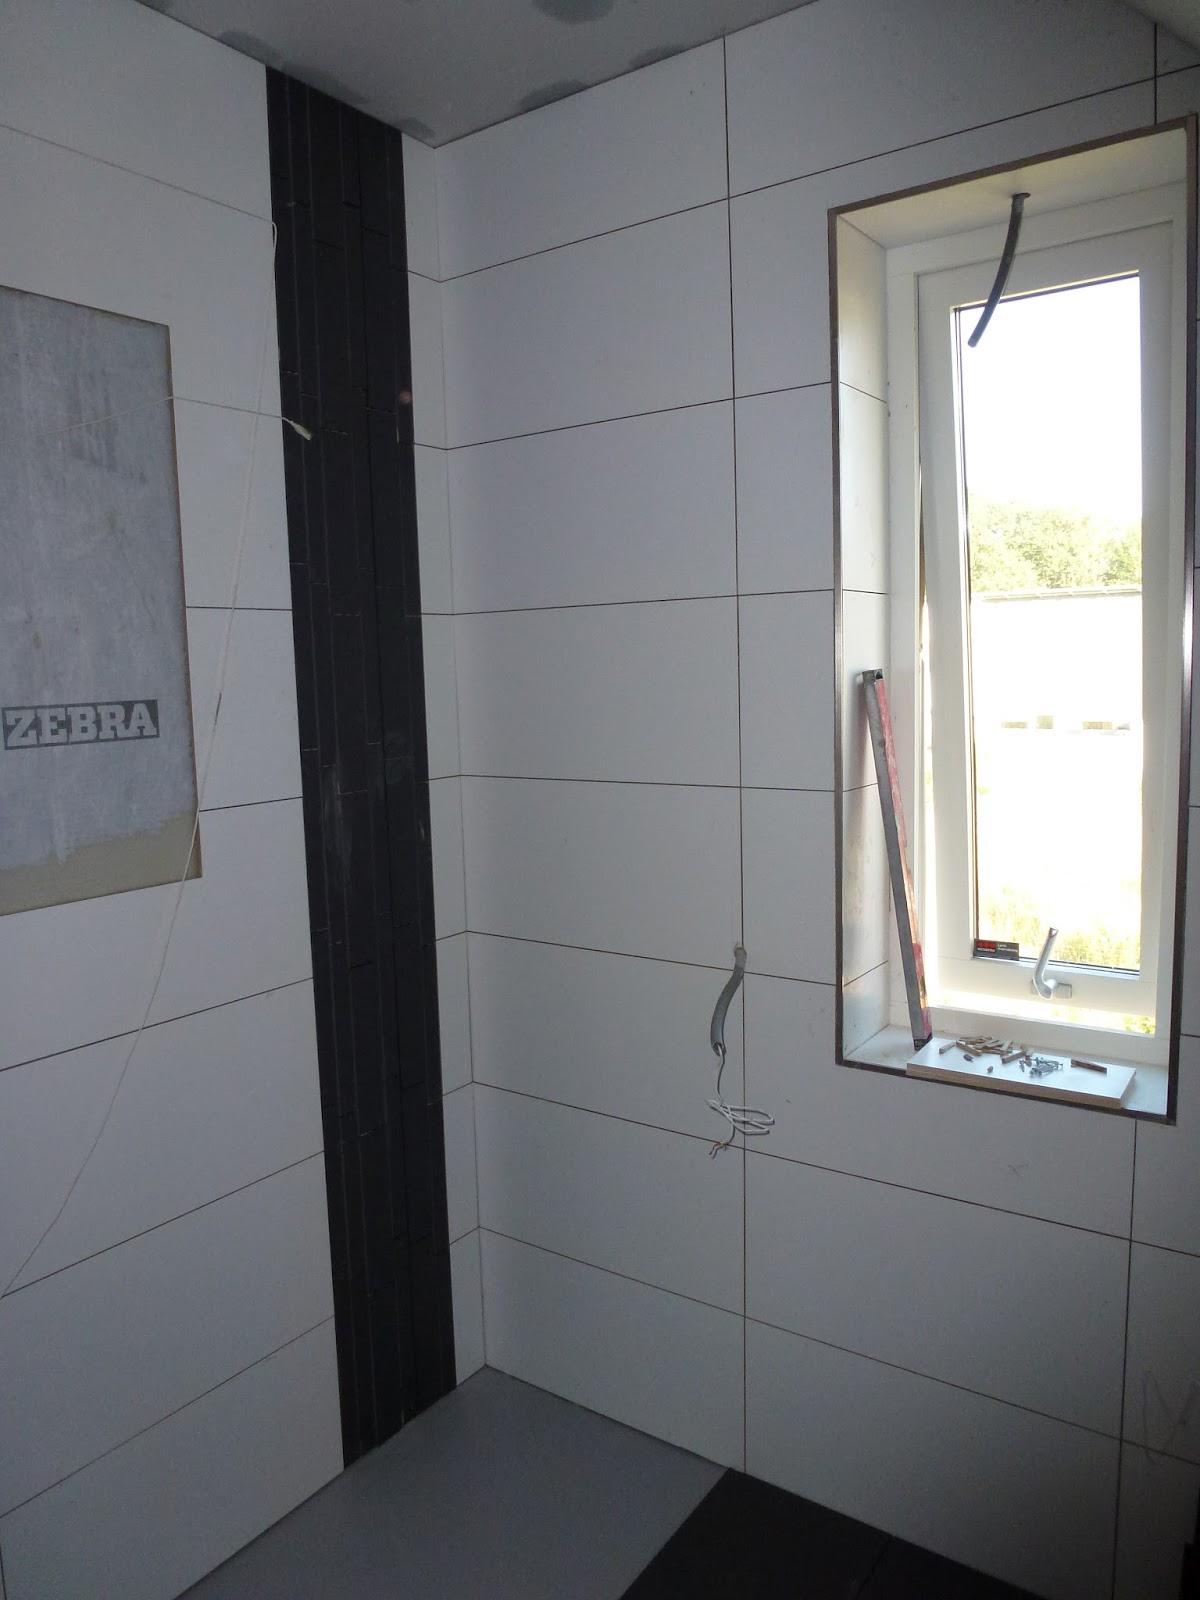 Vi byggar villa kalmar från smålandsvillan = : badrummet uppe.